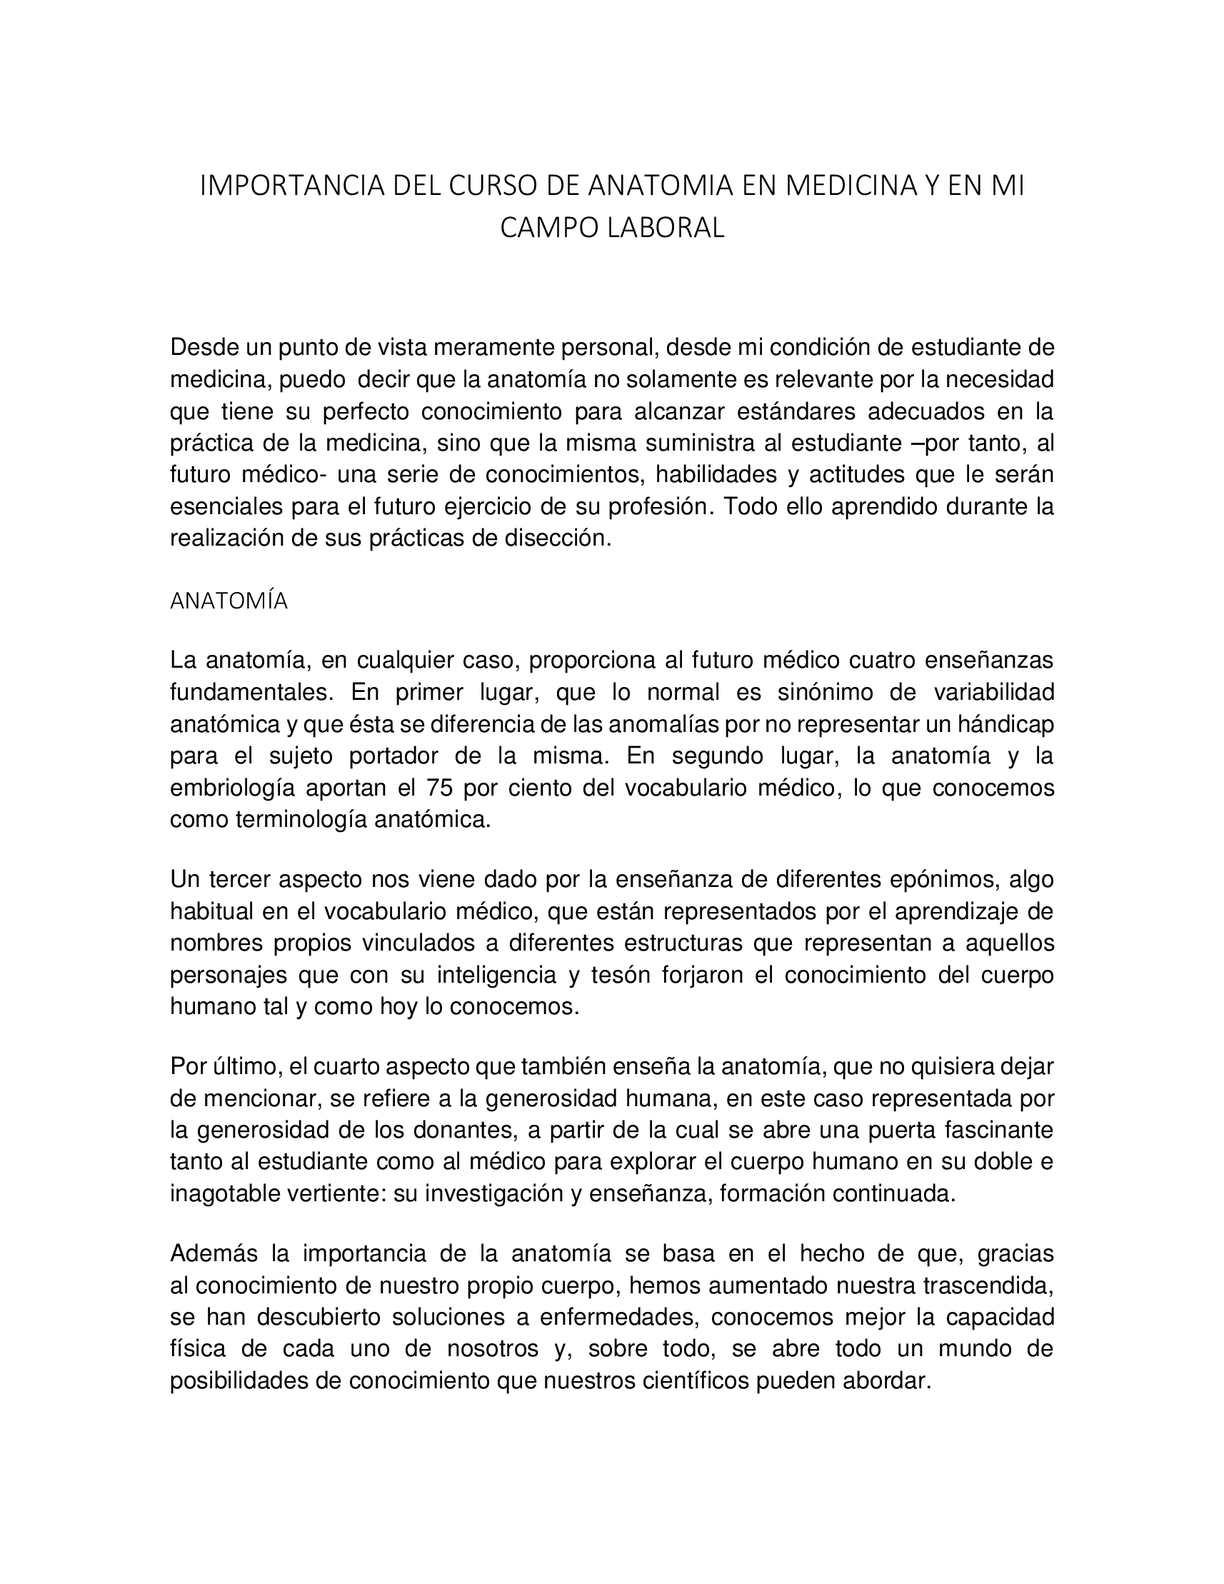 Calaméo - IMPORTANCIA DEL CURSO DE ANATOMIA